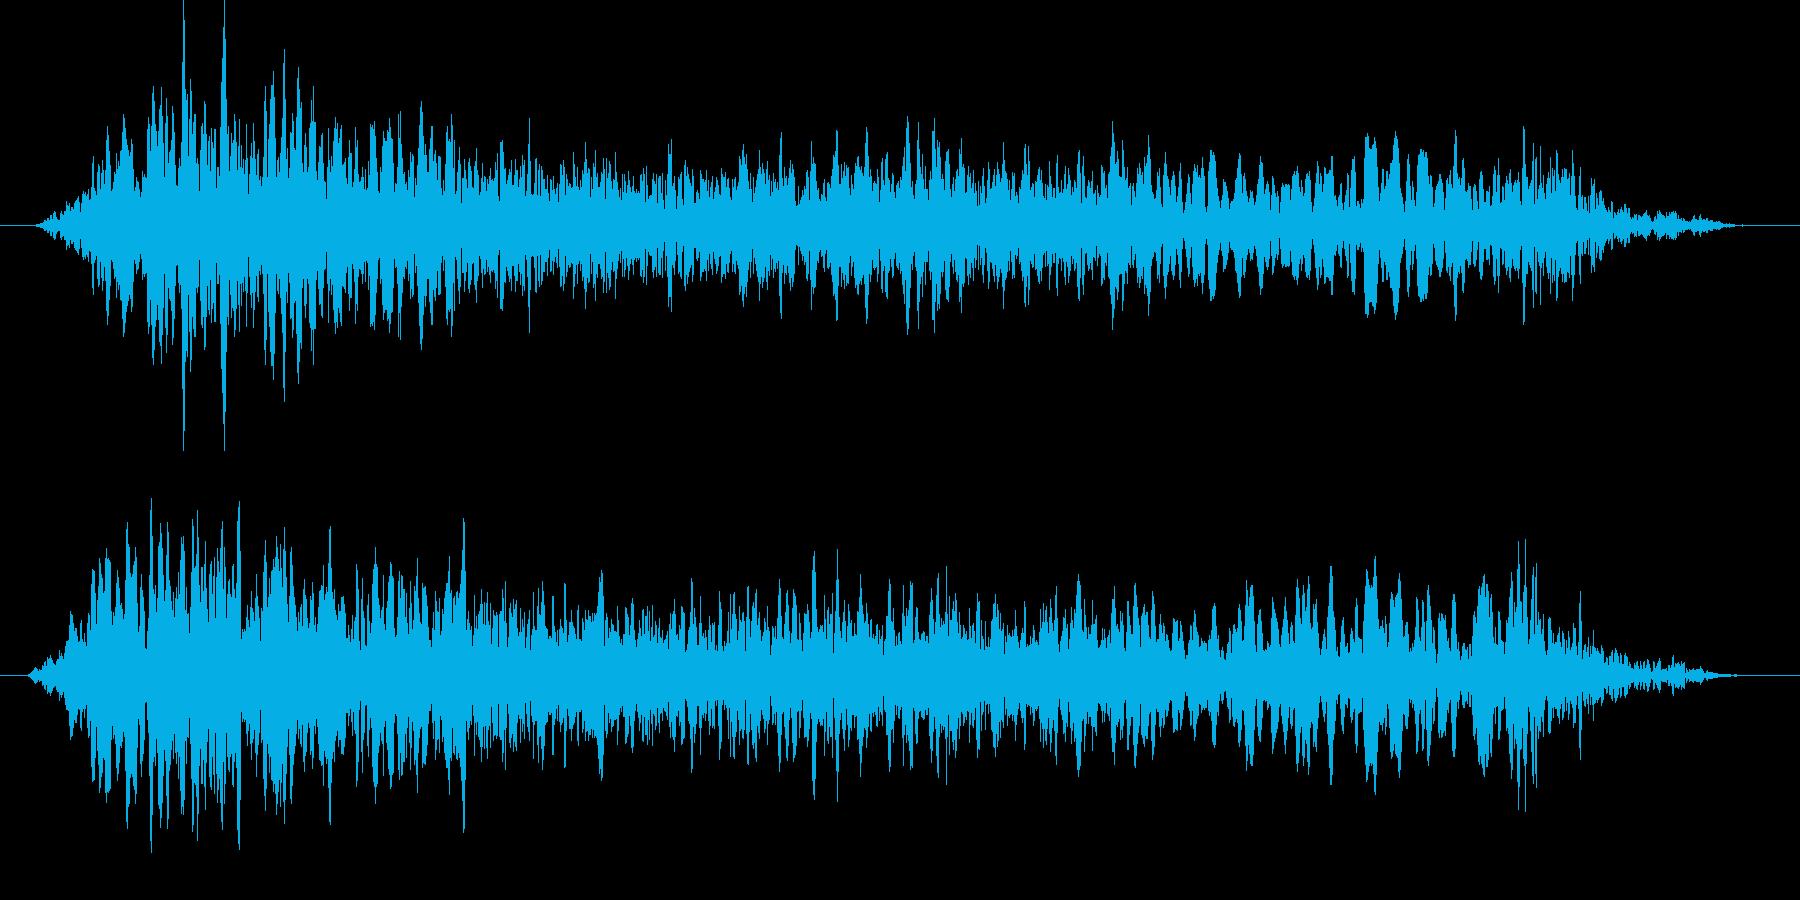 野鳥のうるさい鳴き声 ギィーーッの再生済みの波形